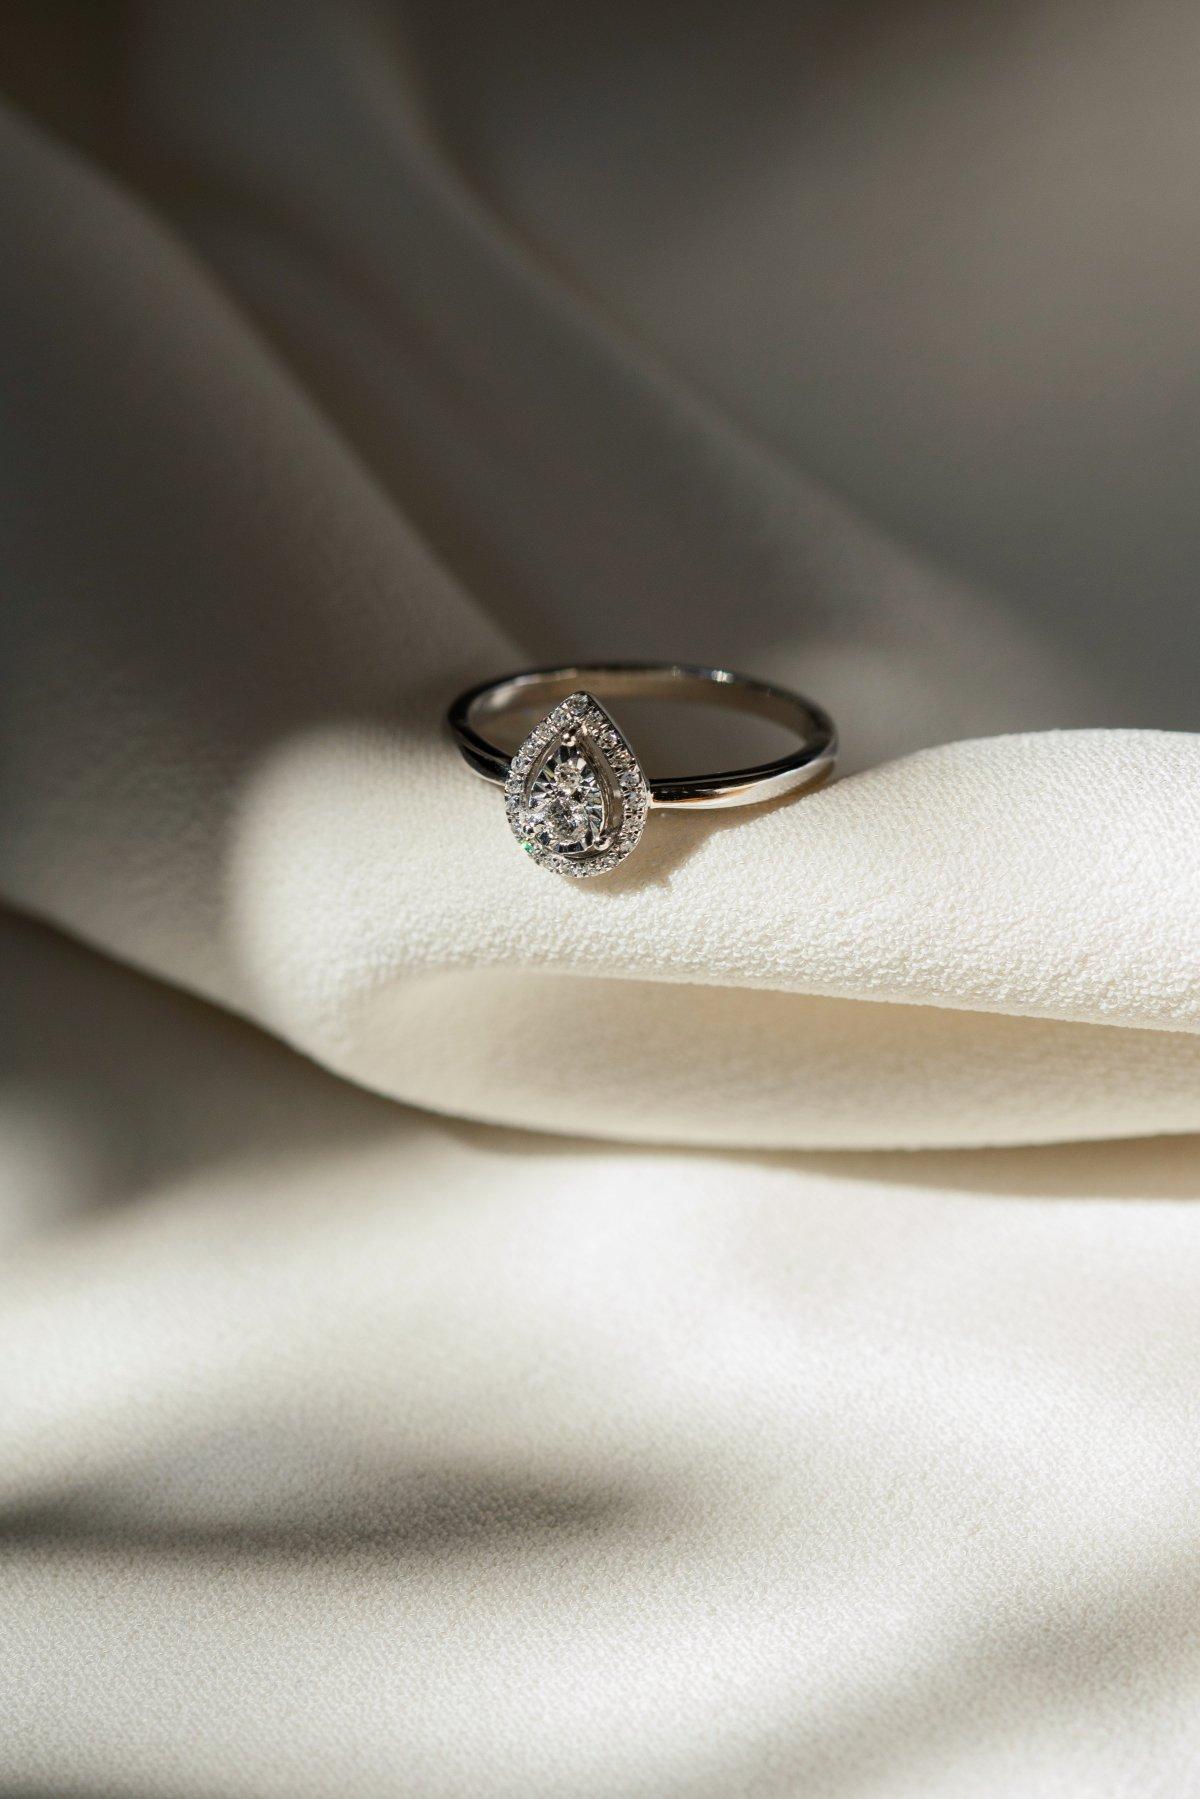 Briliantové prsteny pro každý okamžik Vašeho život